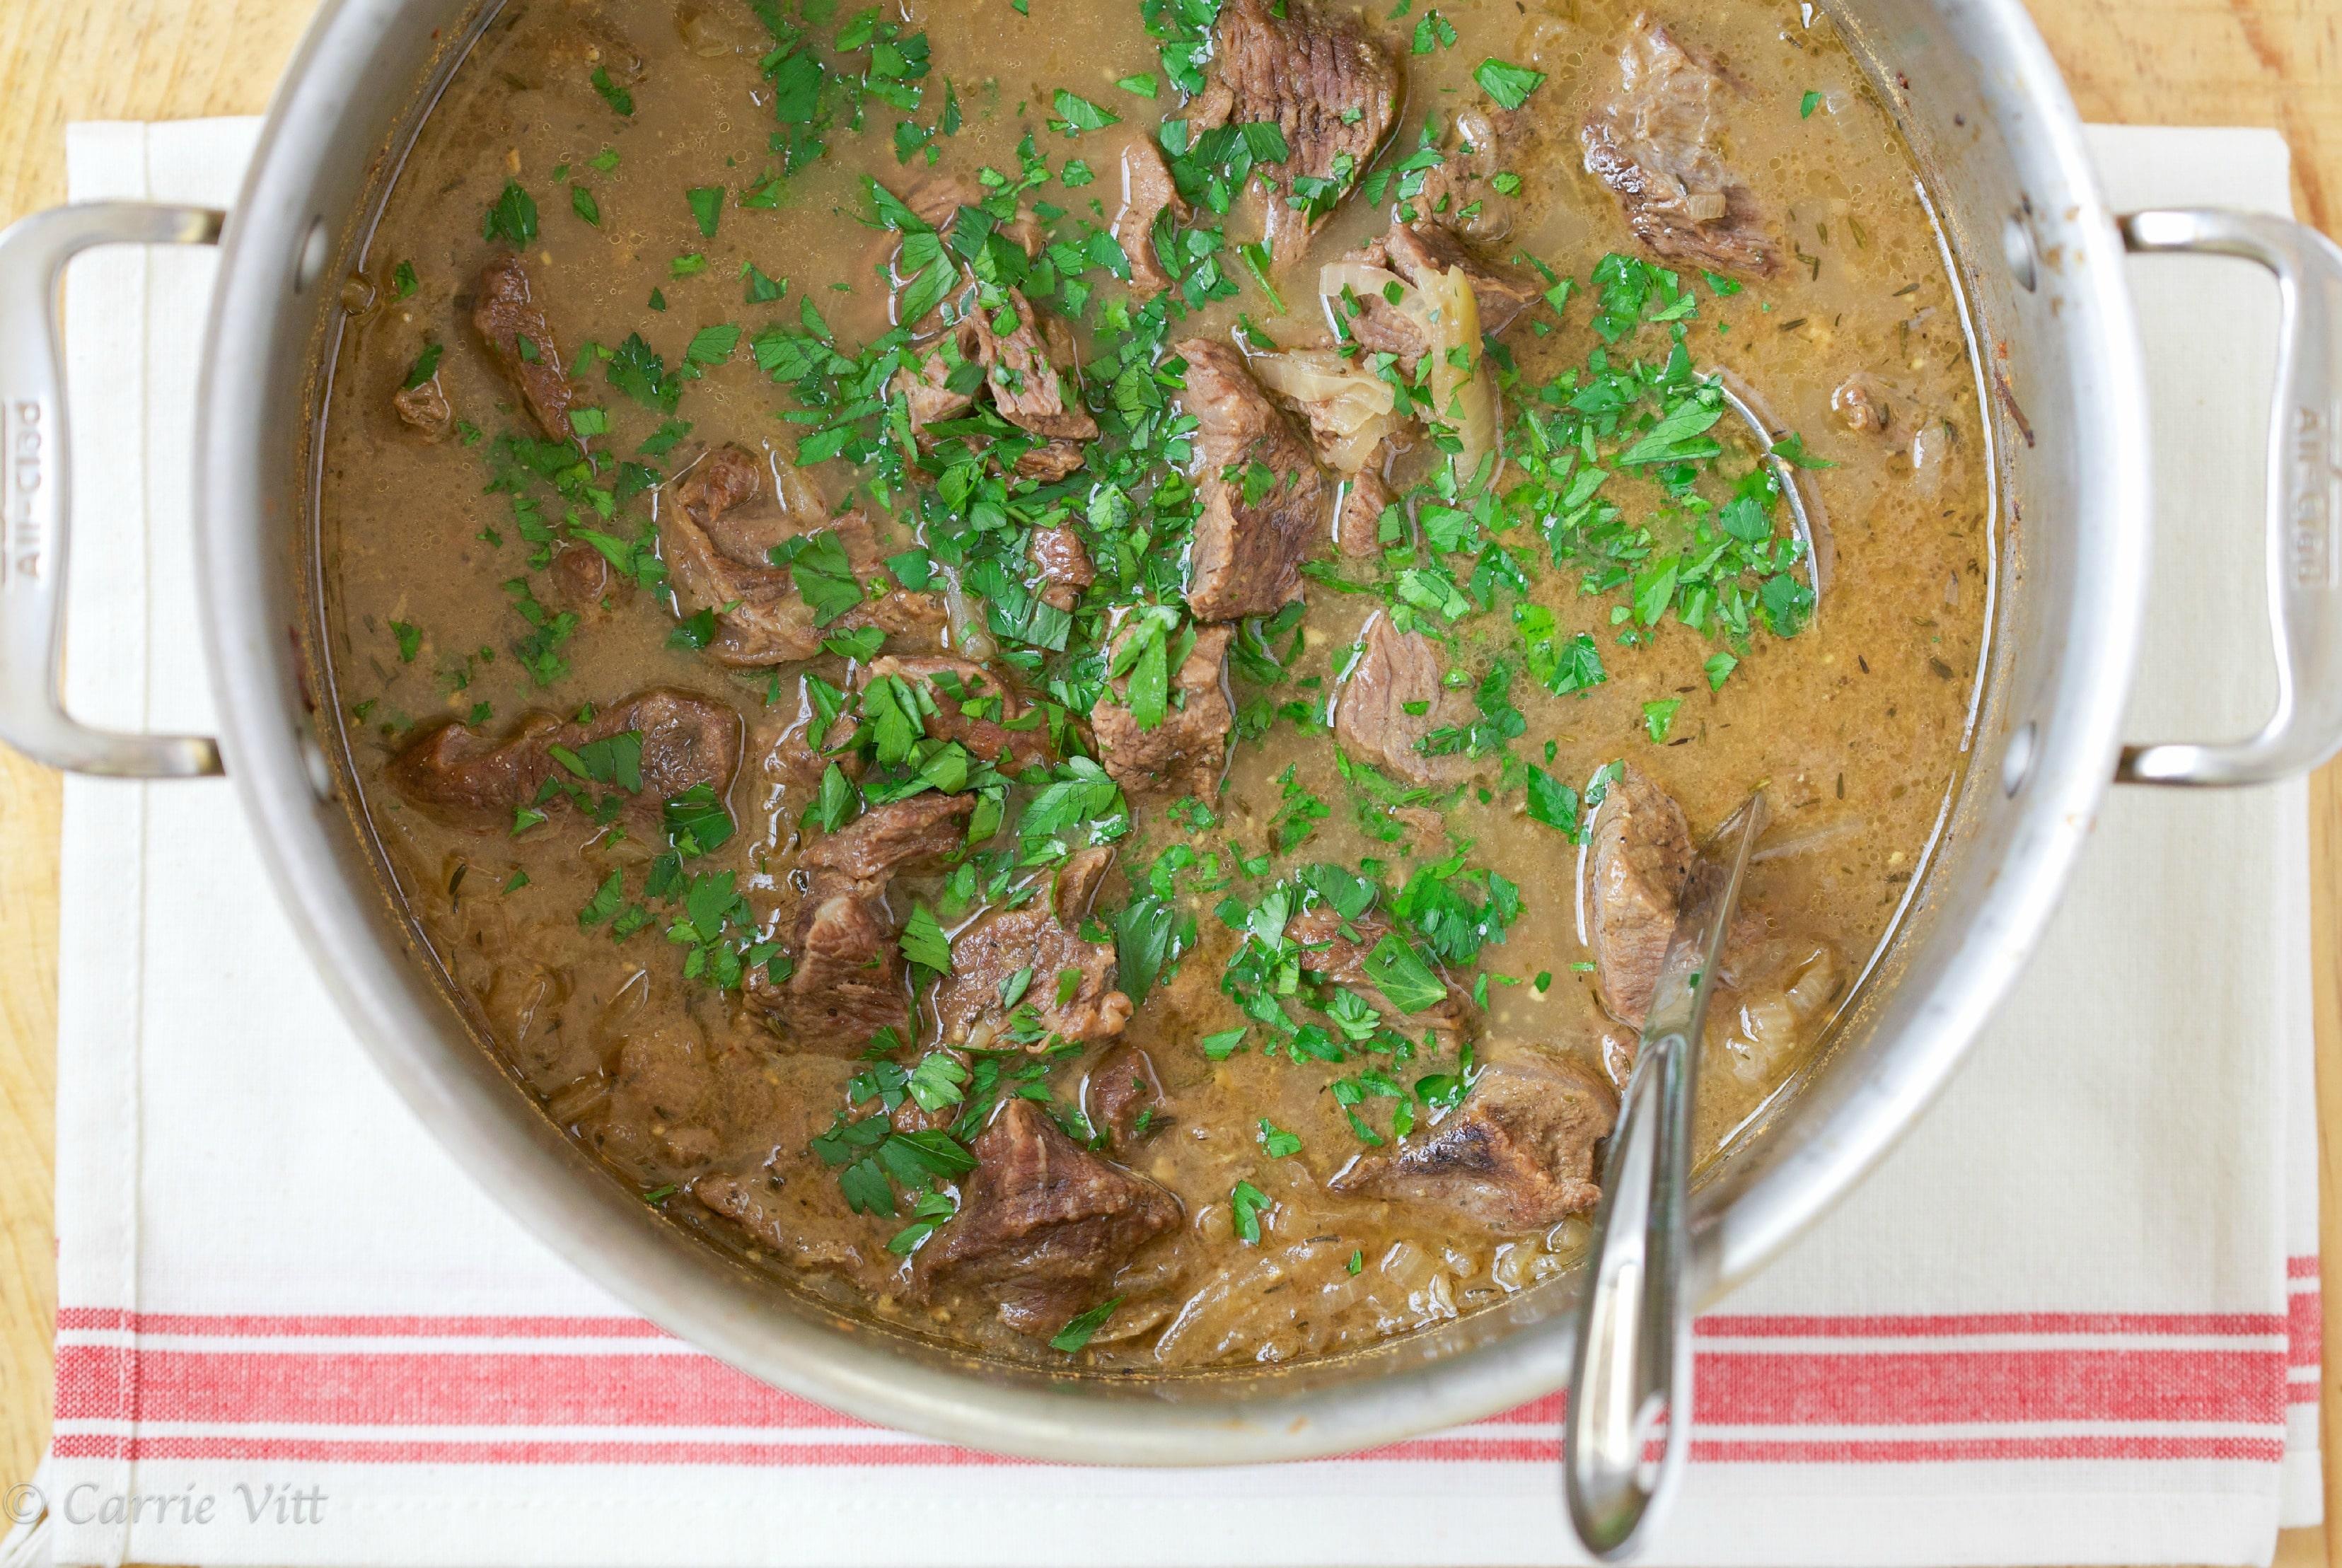 Beef Stew (Grain Free, Gluten Free, Gaps, Paleo, Primal)